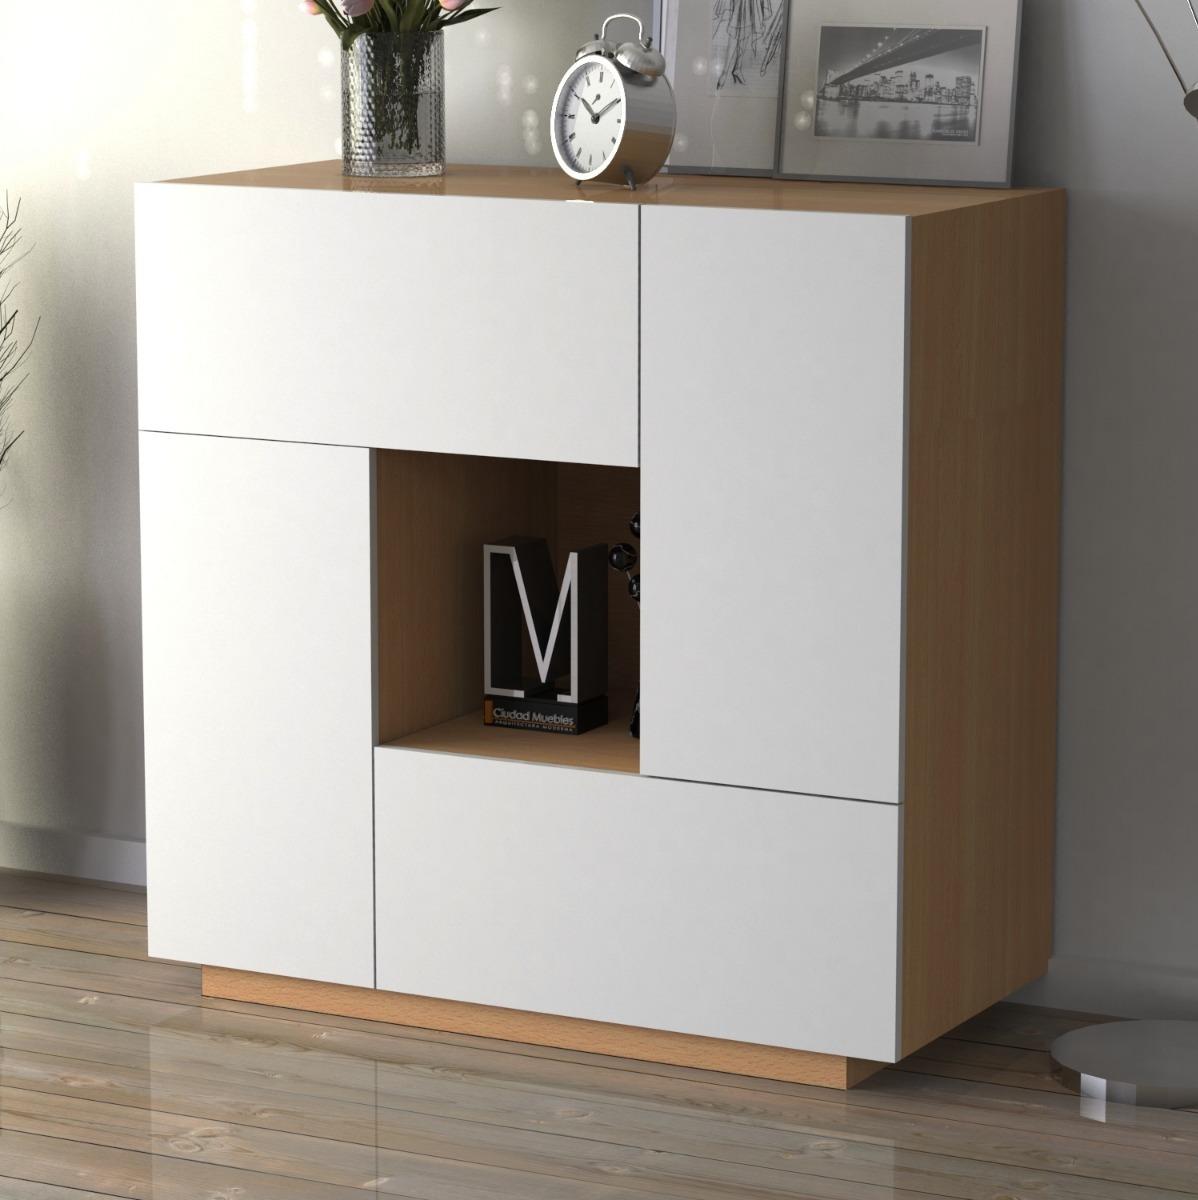 Mueble Vajillero Moderno Comedor 90cm De Largo. Oferta !! - $ 6.020 ...